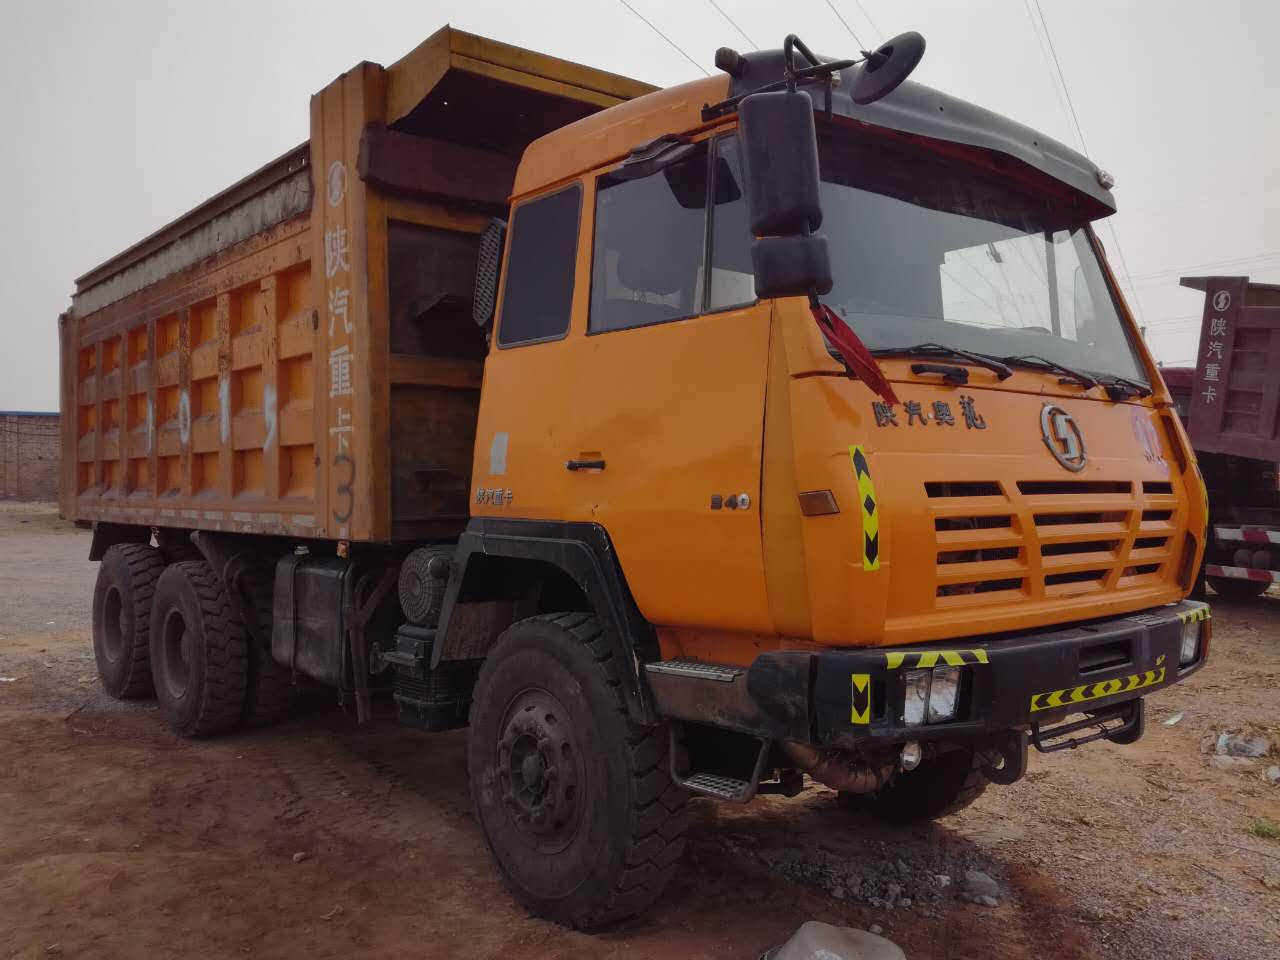 忻州金路矿业处理工程车